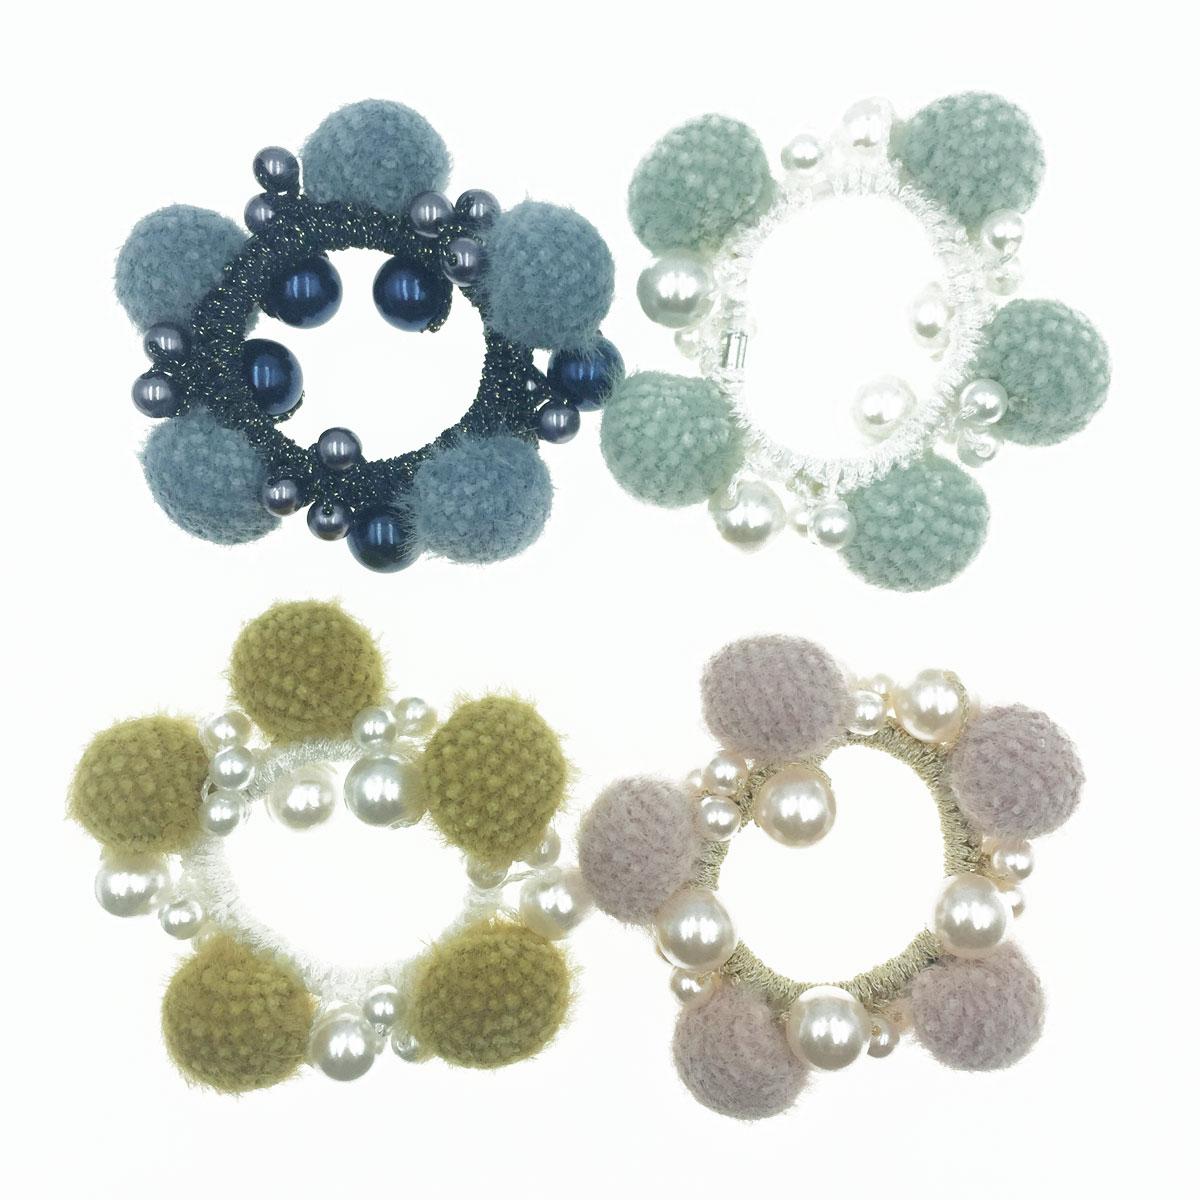 韓國 毛球 珍珠 4色 髮飾 髮圈 髮束